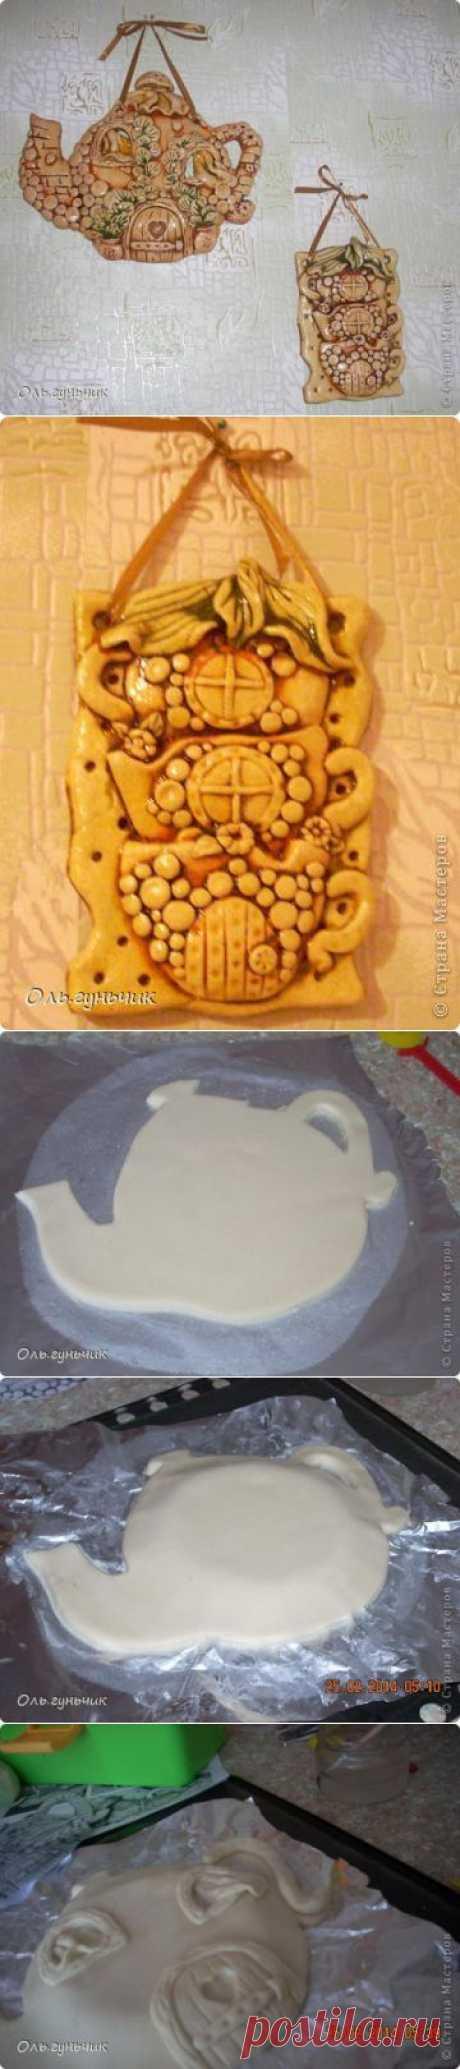 Чайник с чашечками из соленого теста. Автор Оль.гунчик | СДЕЛАЙ САМ!